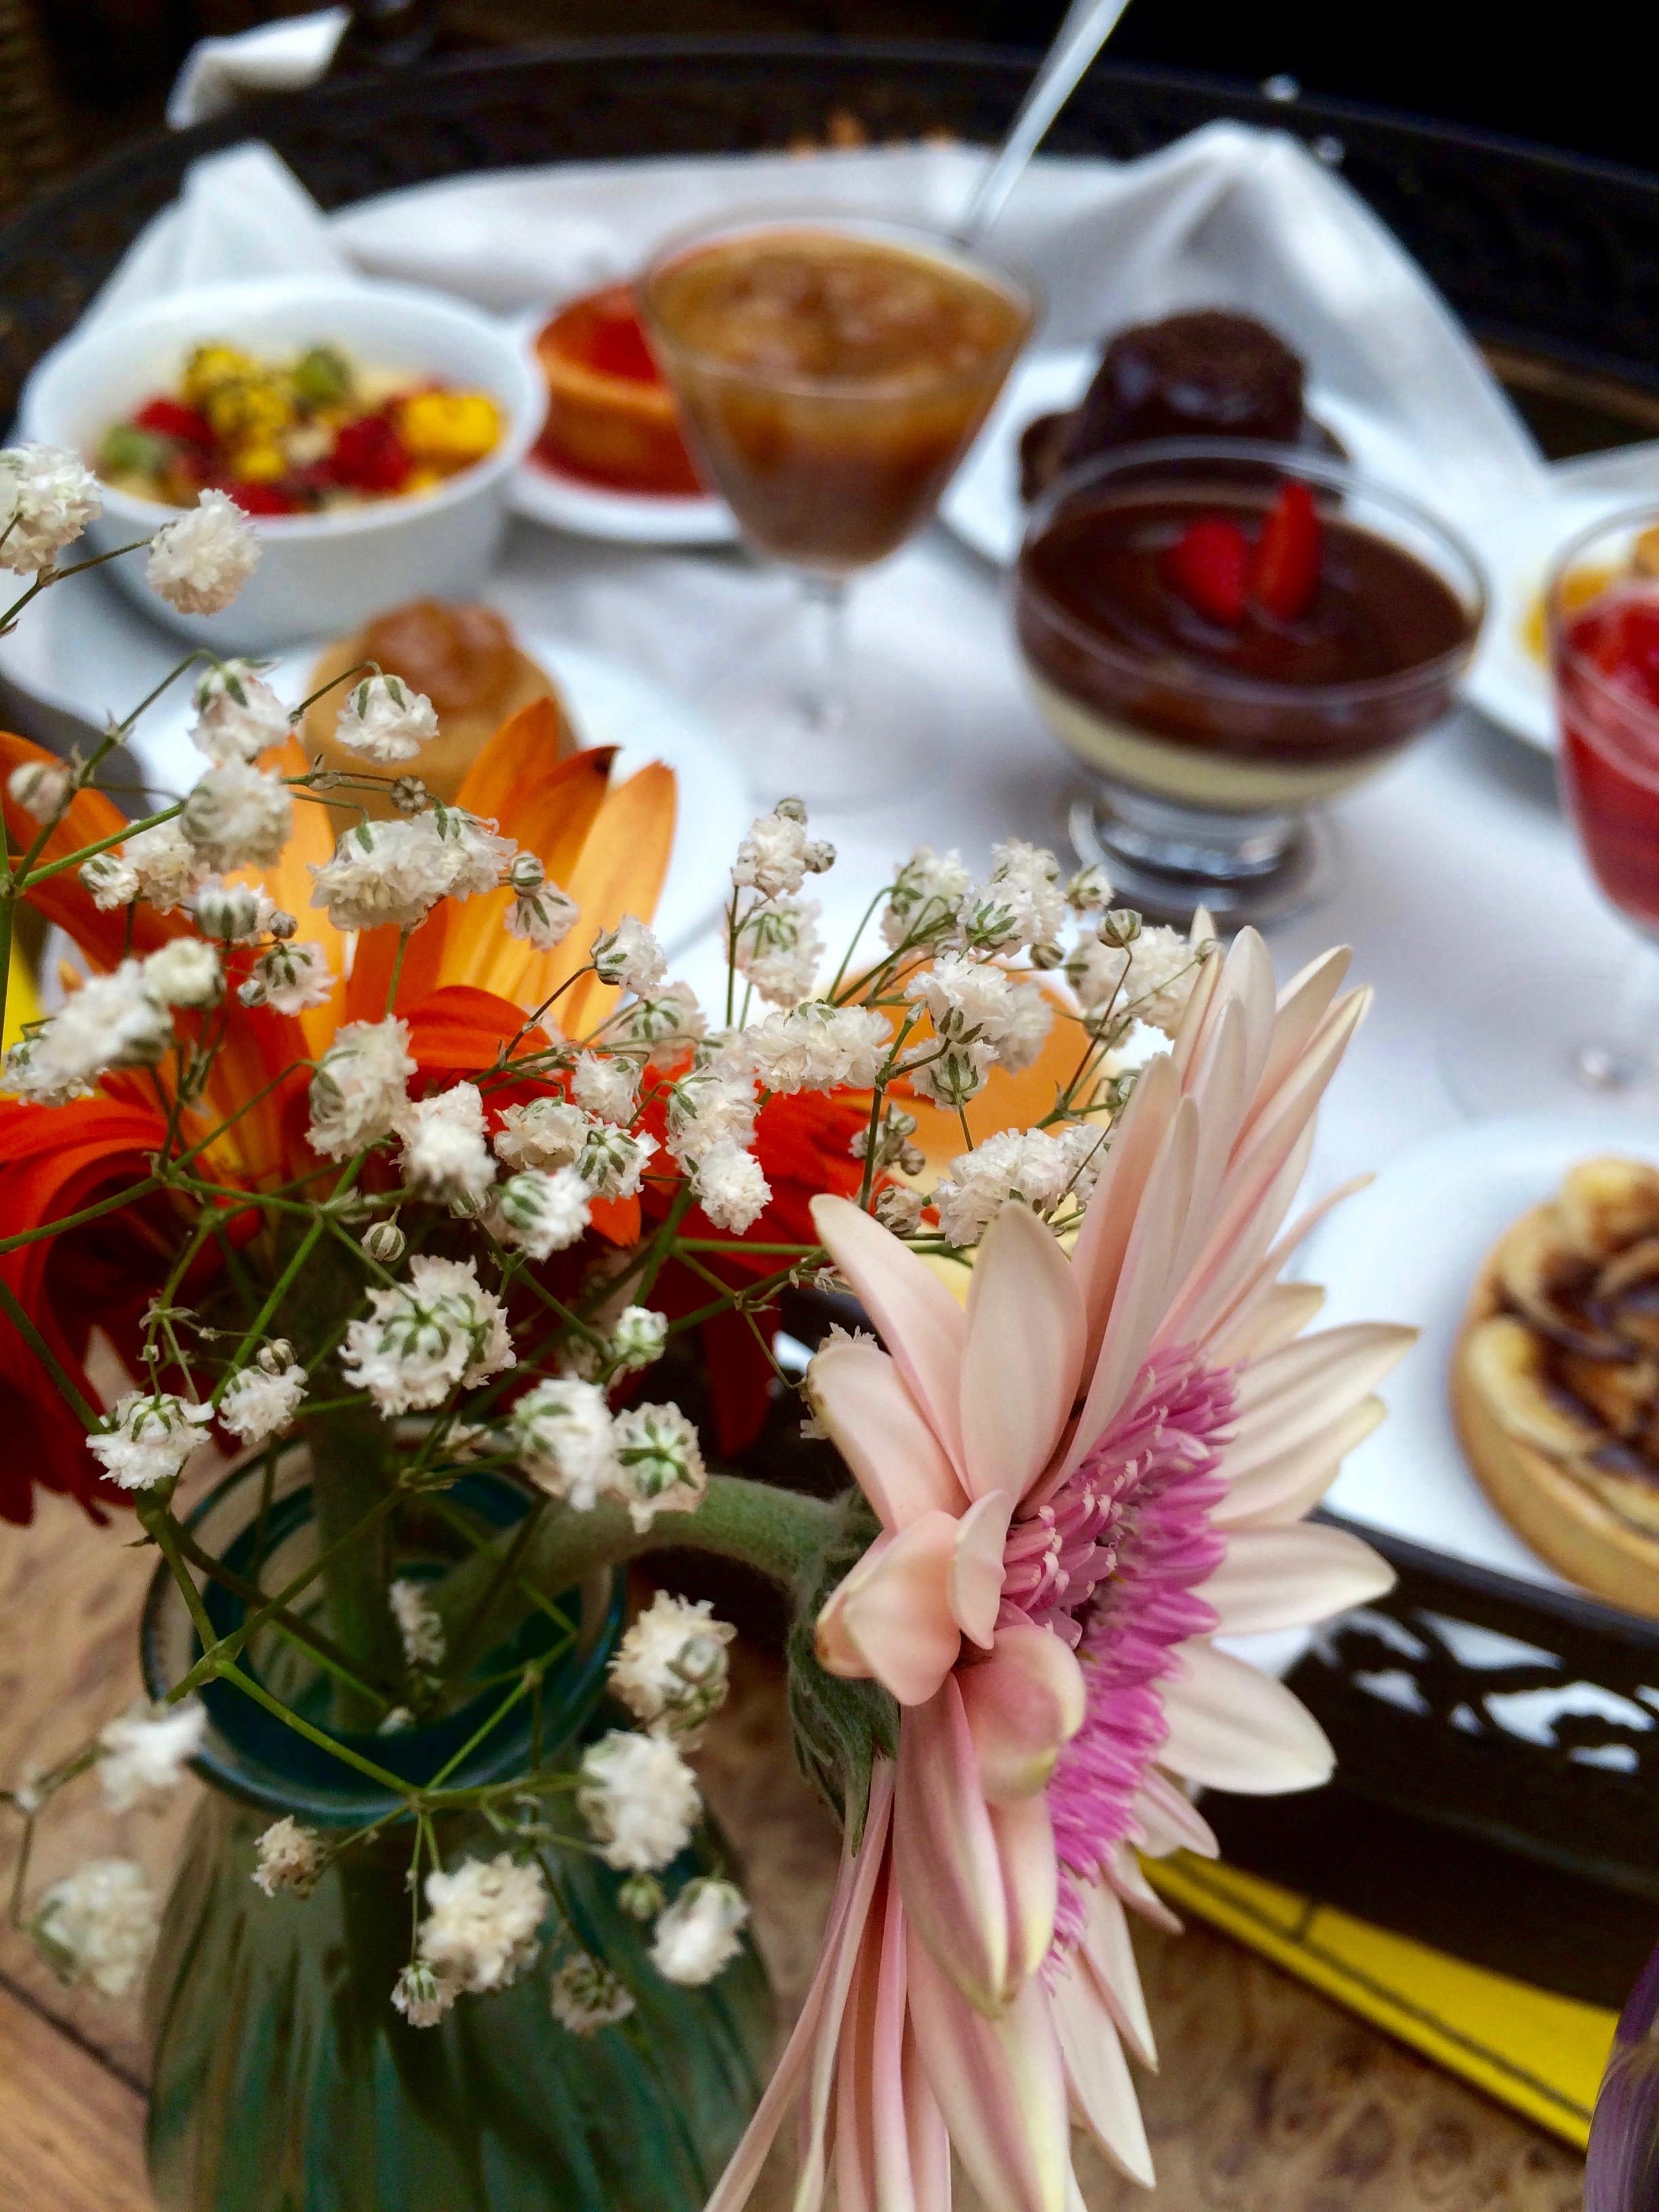 Décoration et dessert , Cais restaurante